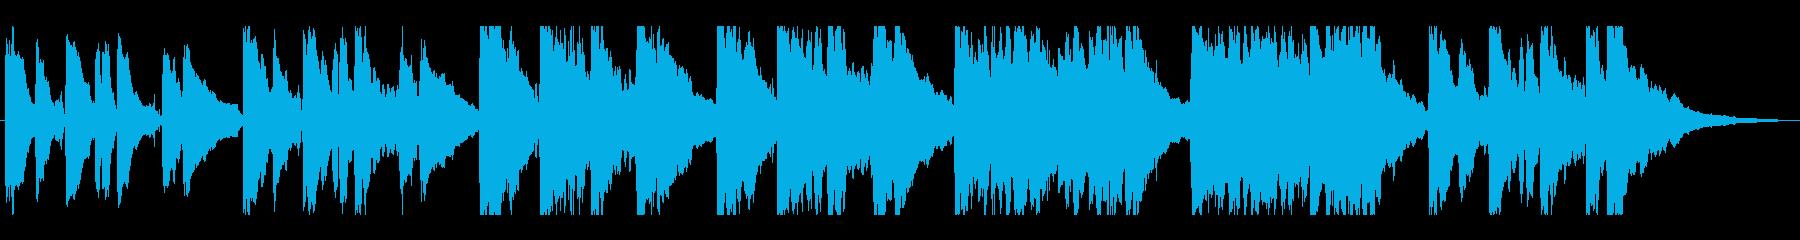 T.V.-現代研究所アメリカーナ西...の再生済みの波形